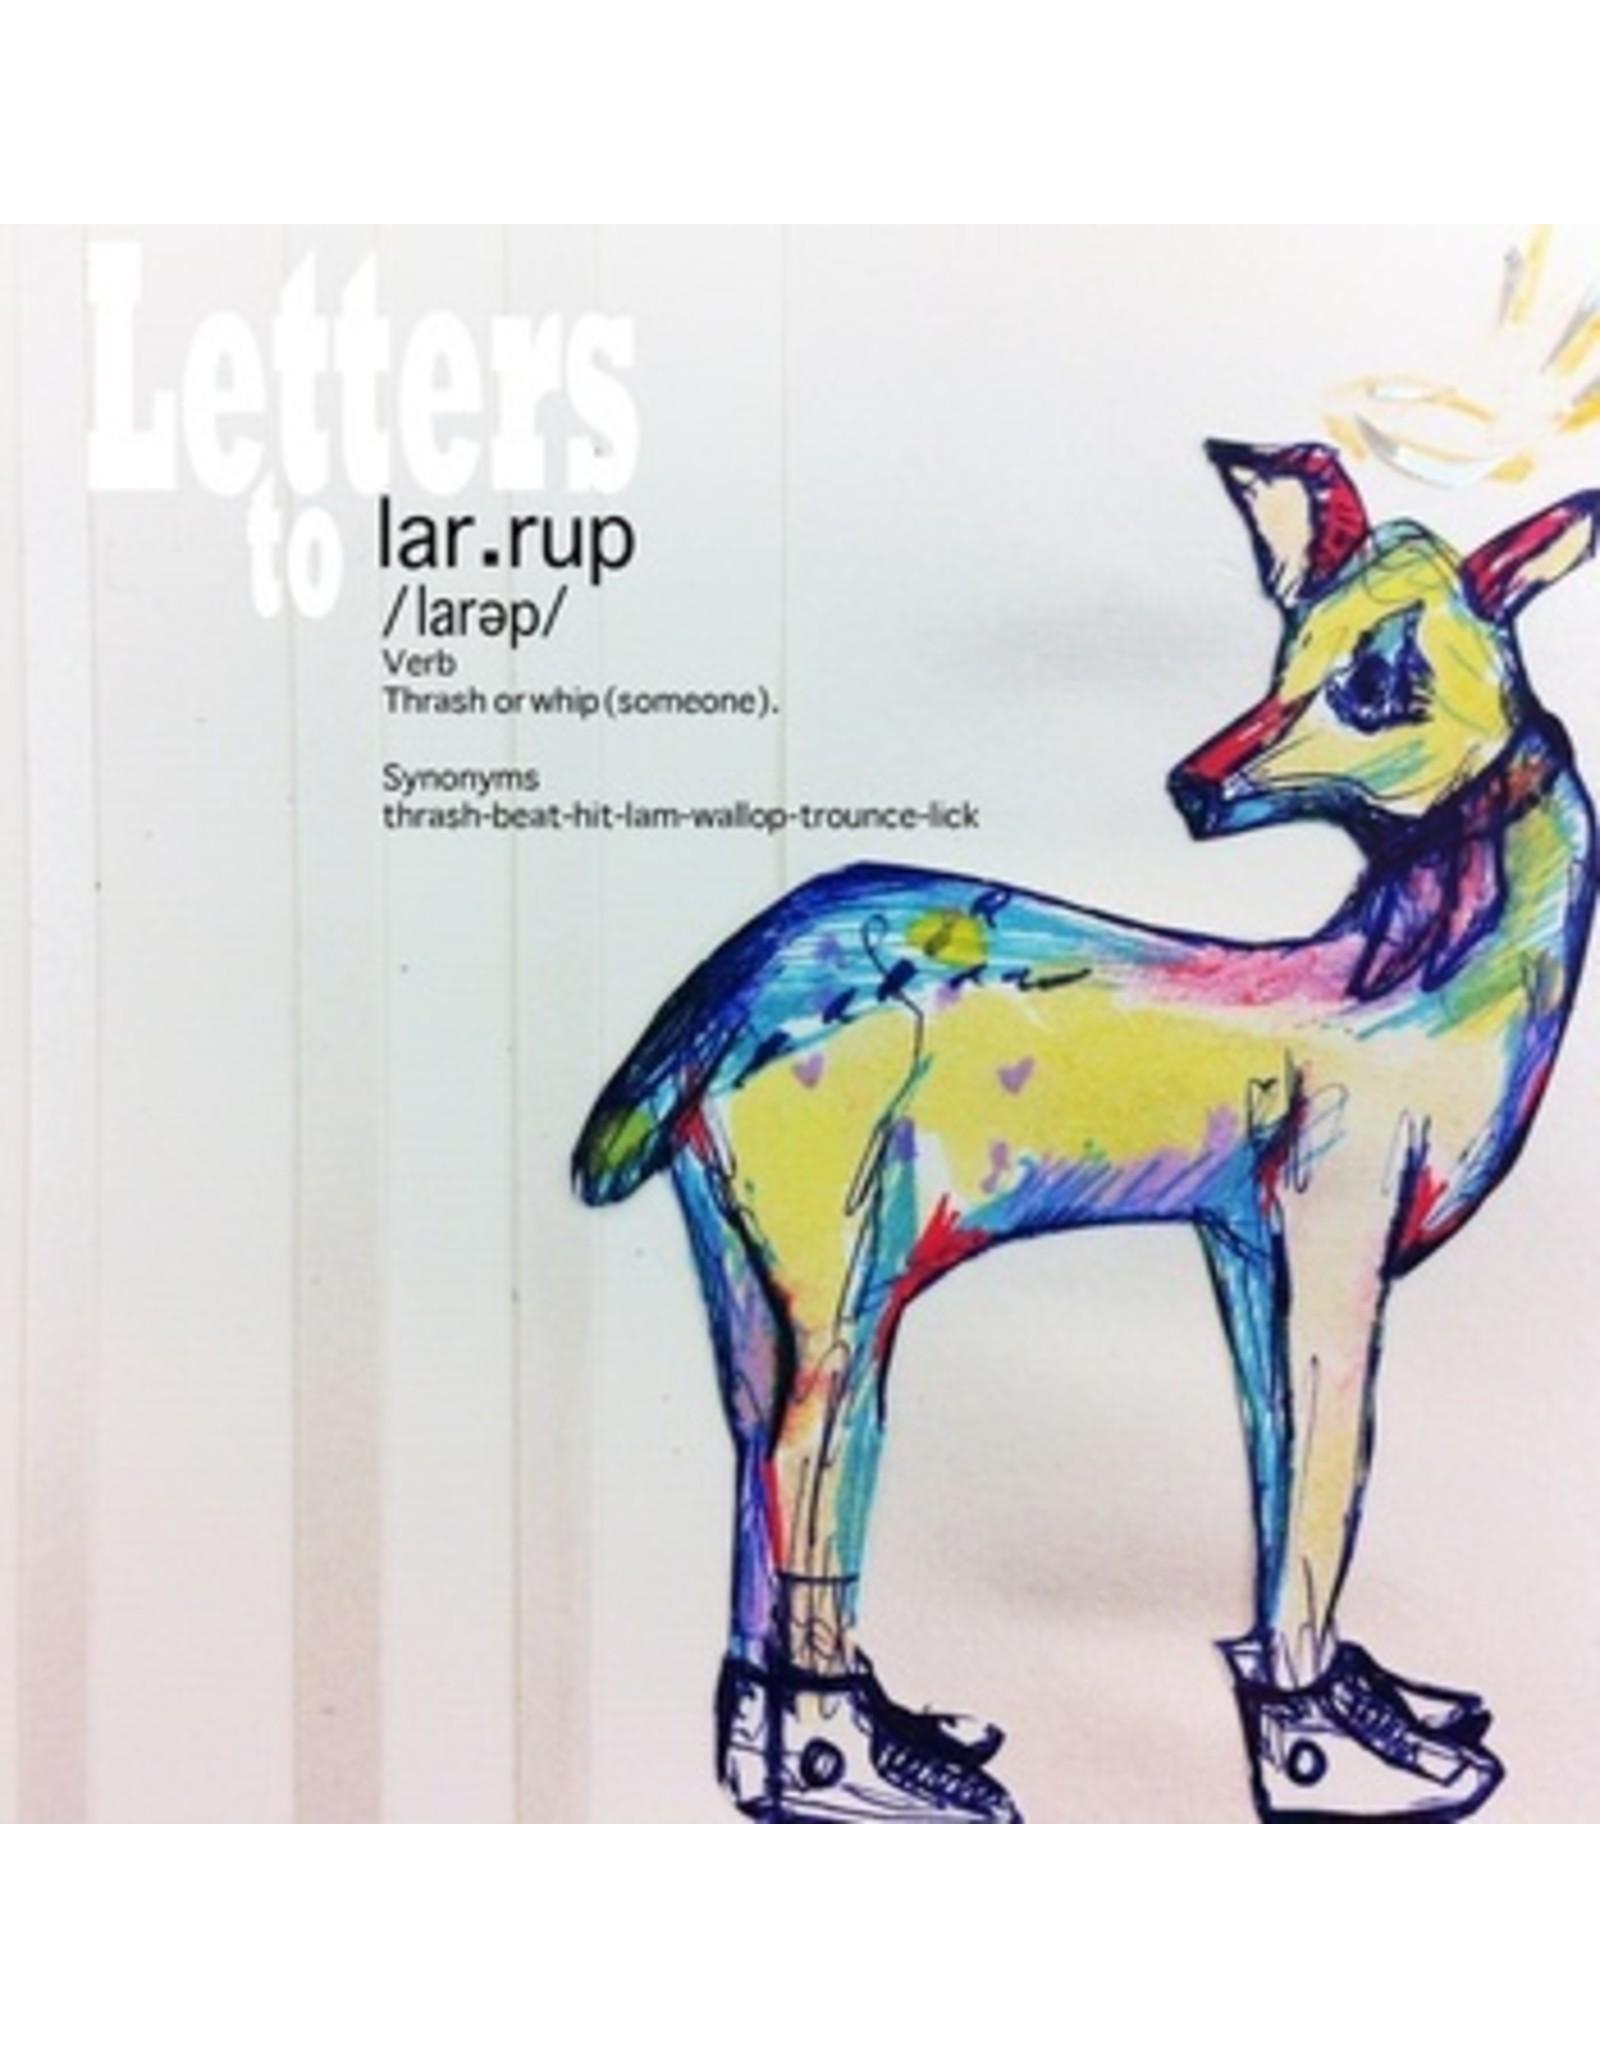 """New Vinyl Pocket Of Lollipops - Letters To Larrup 7"""""""